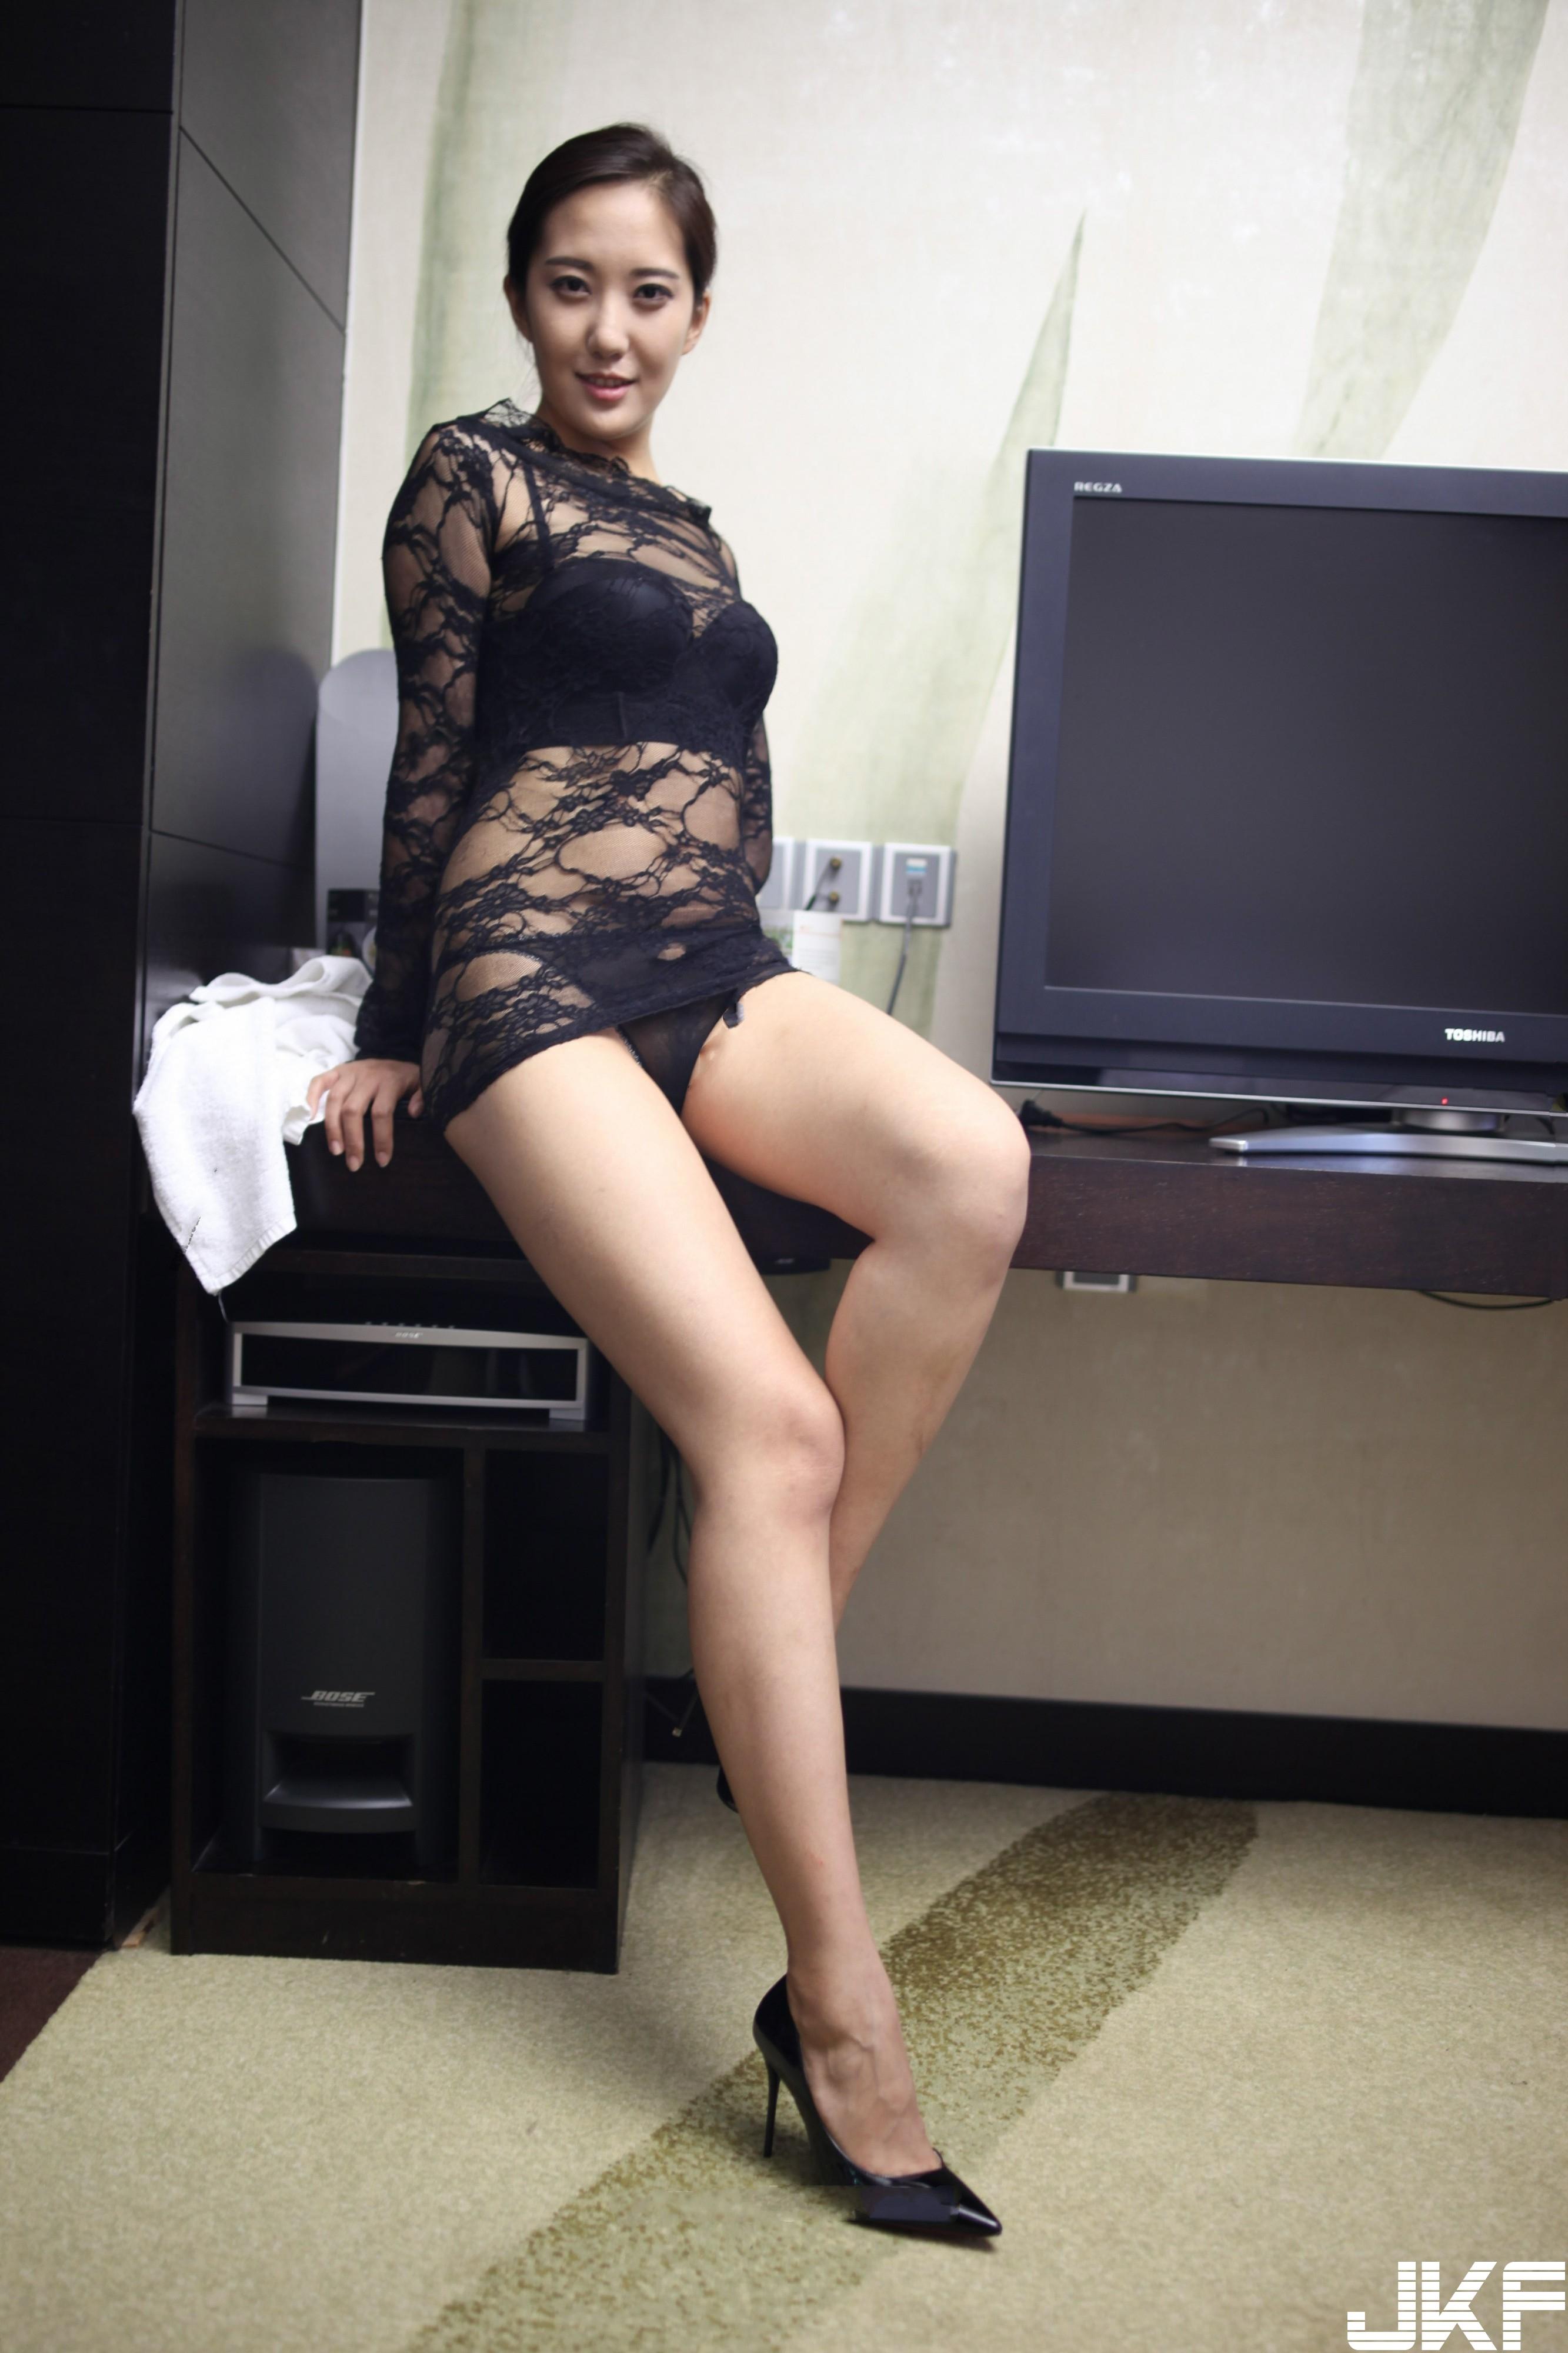 [自己收集的] 國模岳玲精品私拍套圖 肉感的大腿別具風格[164P] - 貼圖 - 絲襪美腿 -